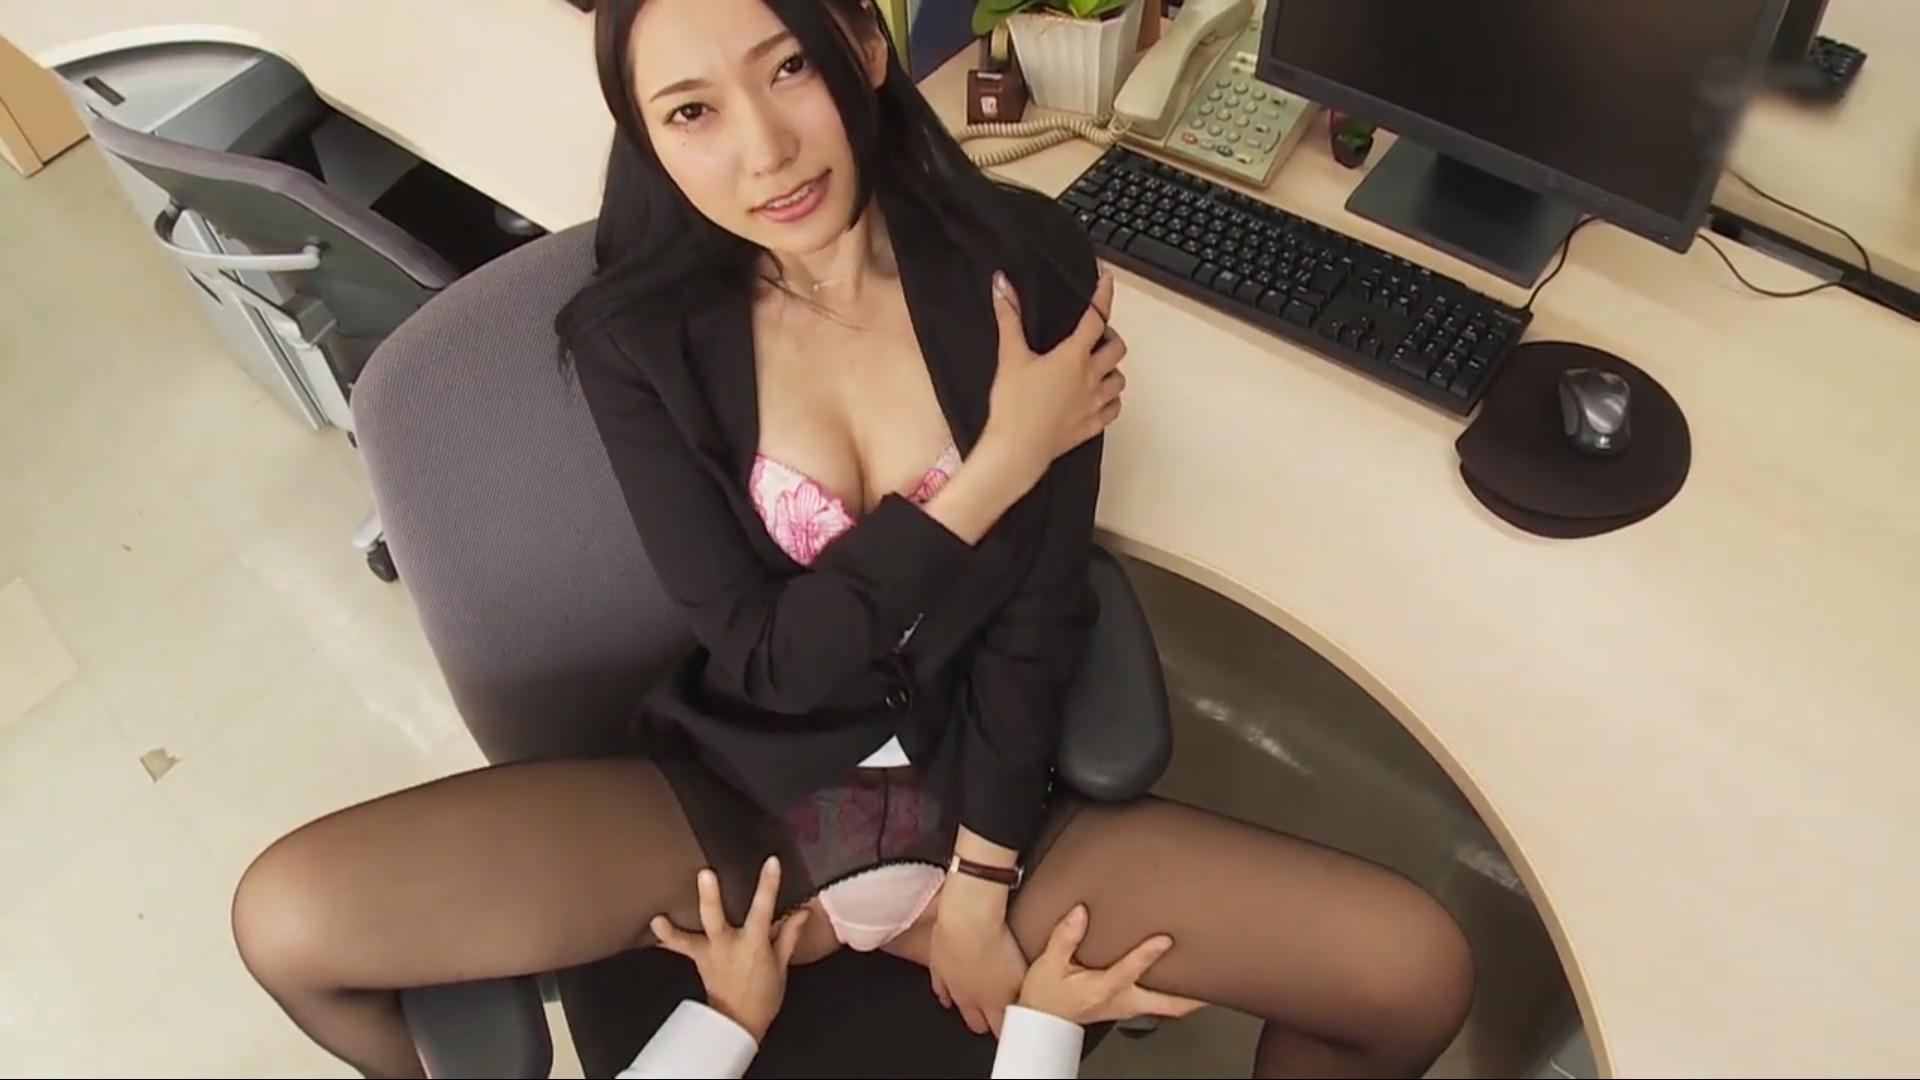 【三田羽衣】-カップ3 スーツ姿のスタイル抜群の美女が乱れる!? Tバック姿を披露!?